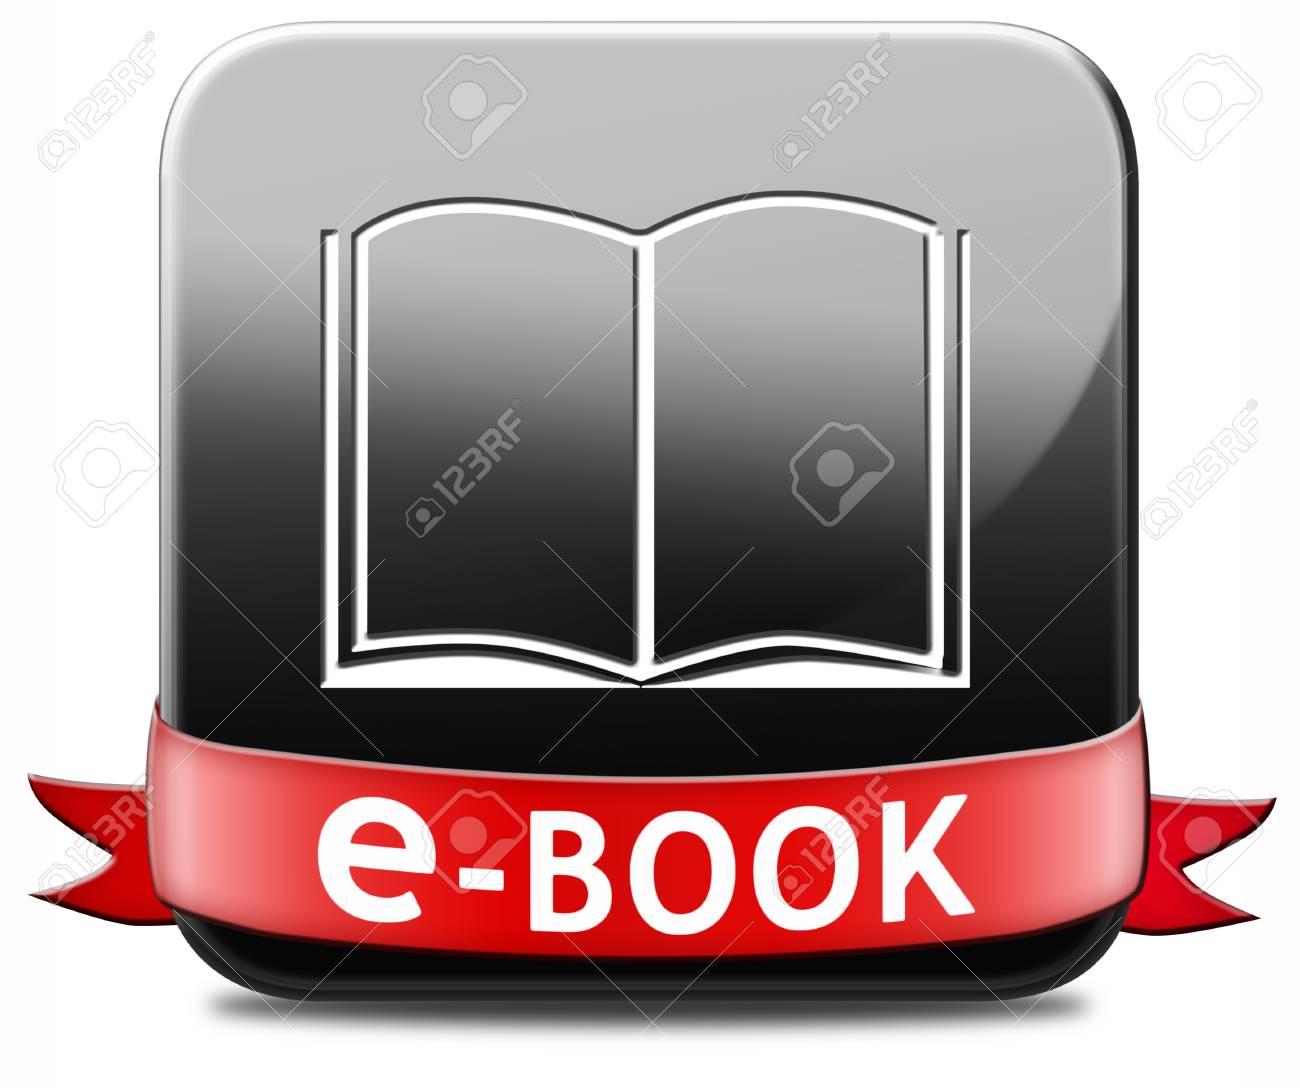 Ebook Telechargement Et Lire En Ligne Livre Ou E Book Electronique Bouton De Telechargement Ou De L Icone